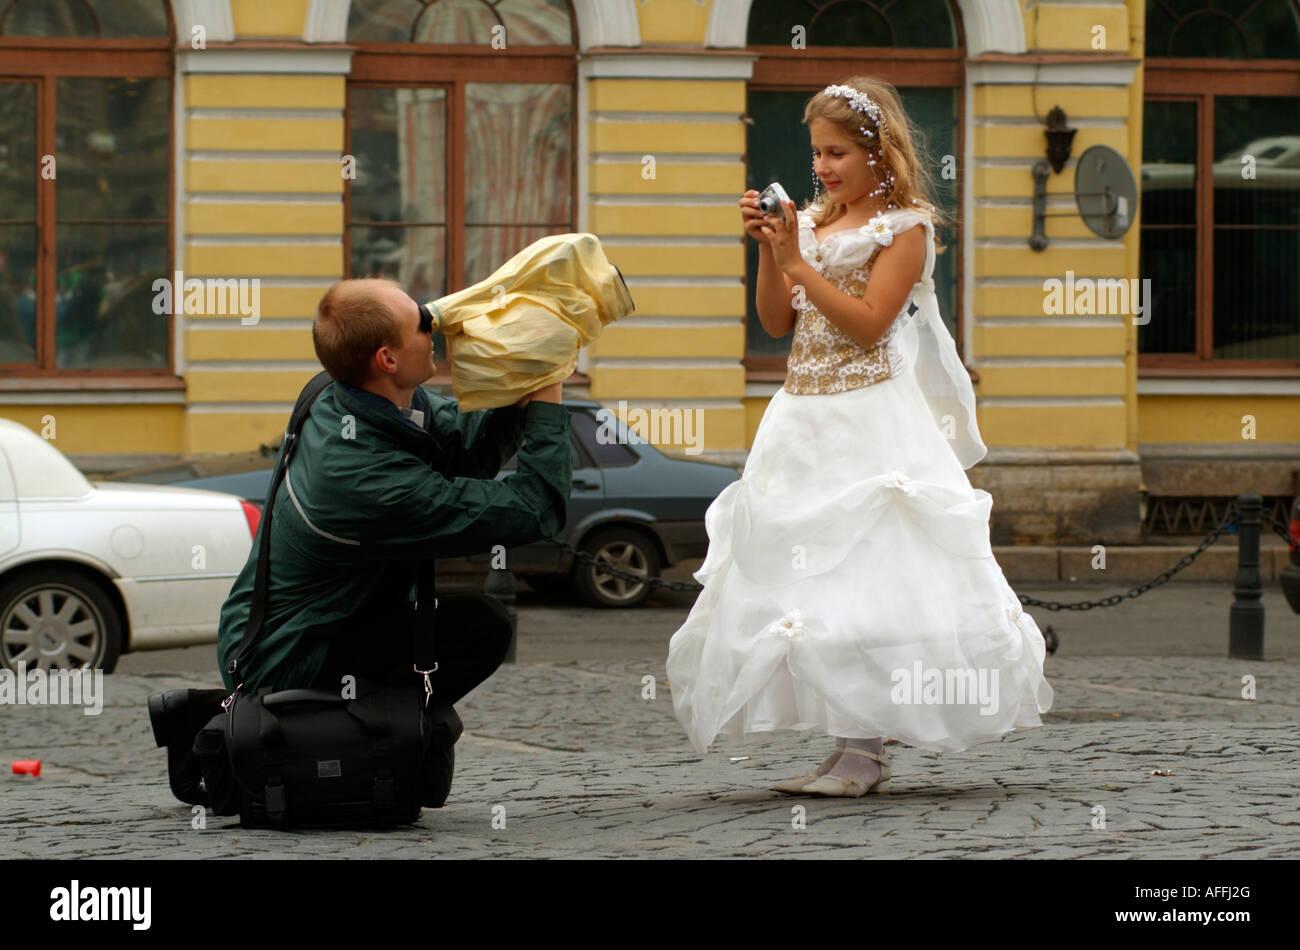 Kameramann eine Videoaufnahme von einer jungen Brautjungfer trägt ...